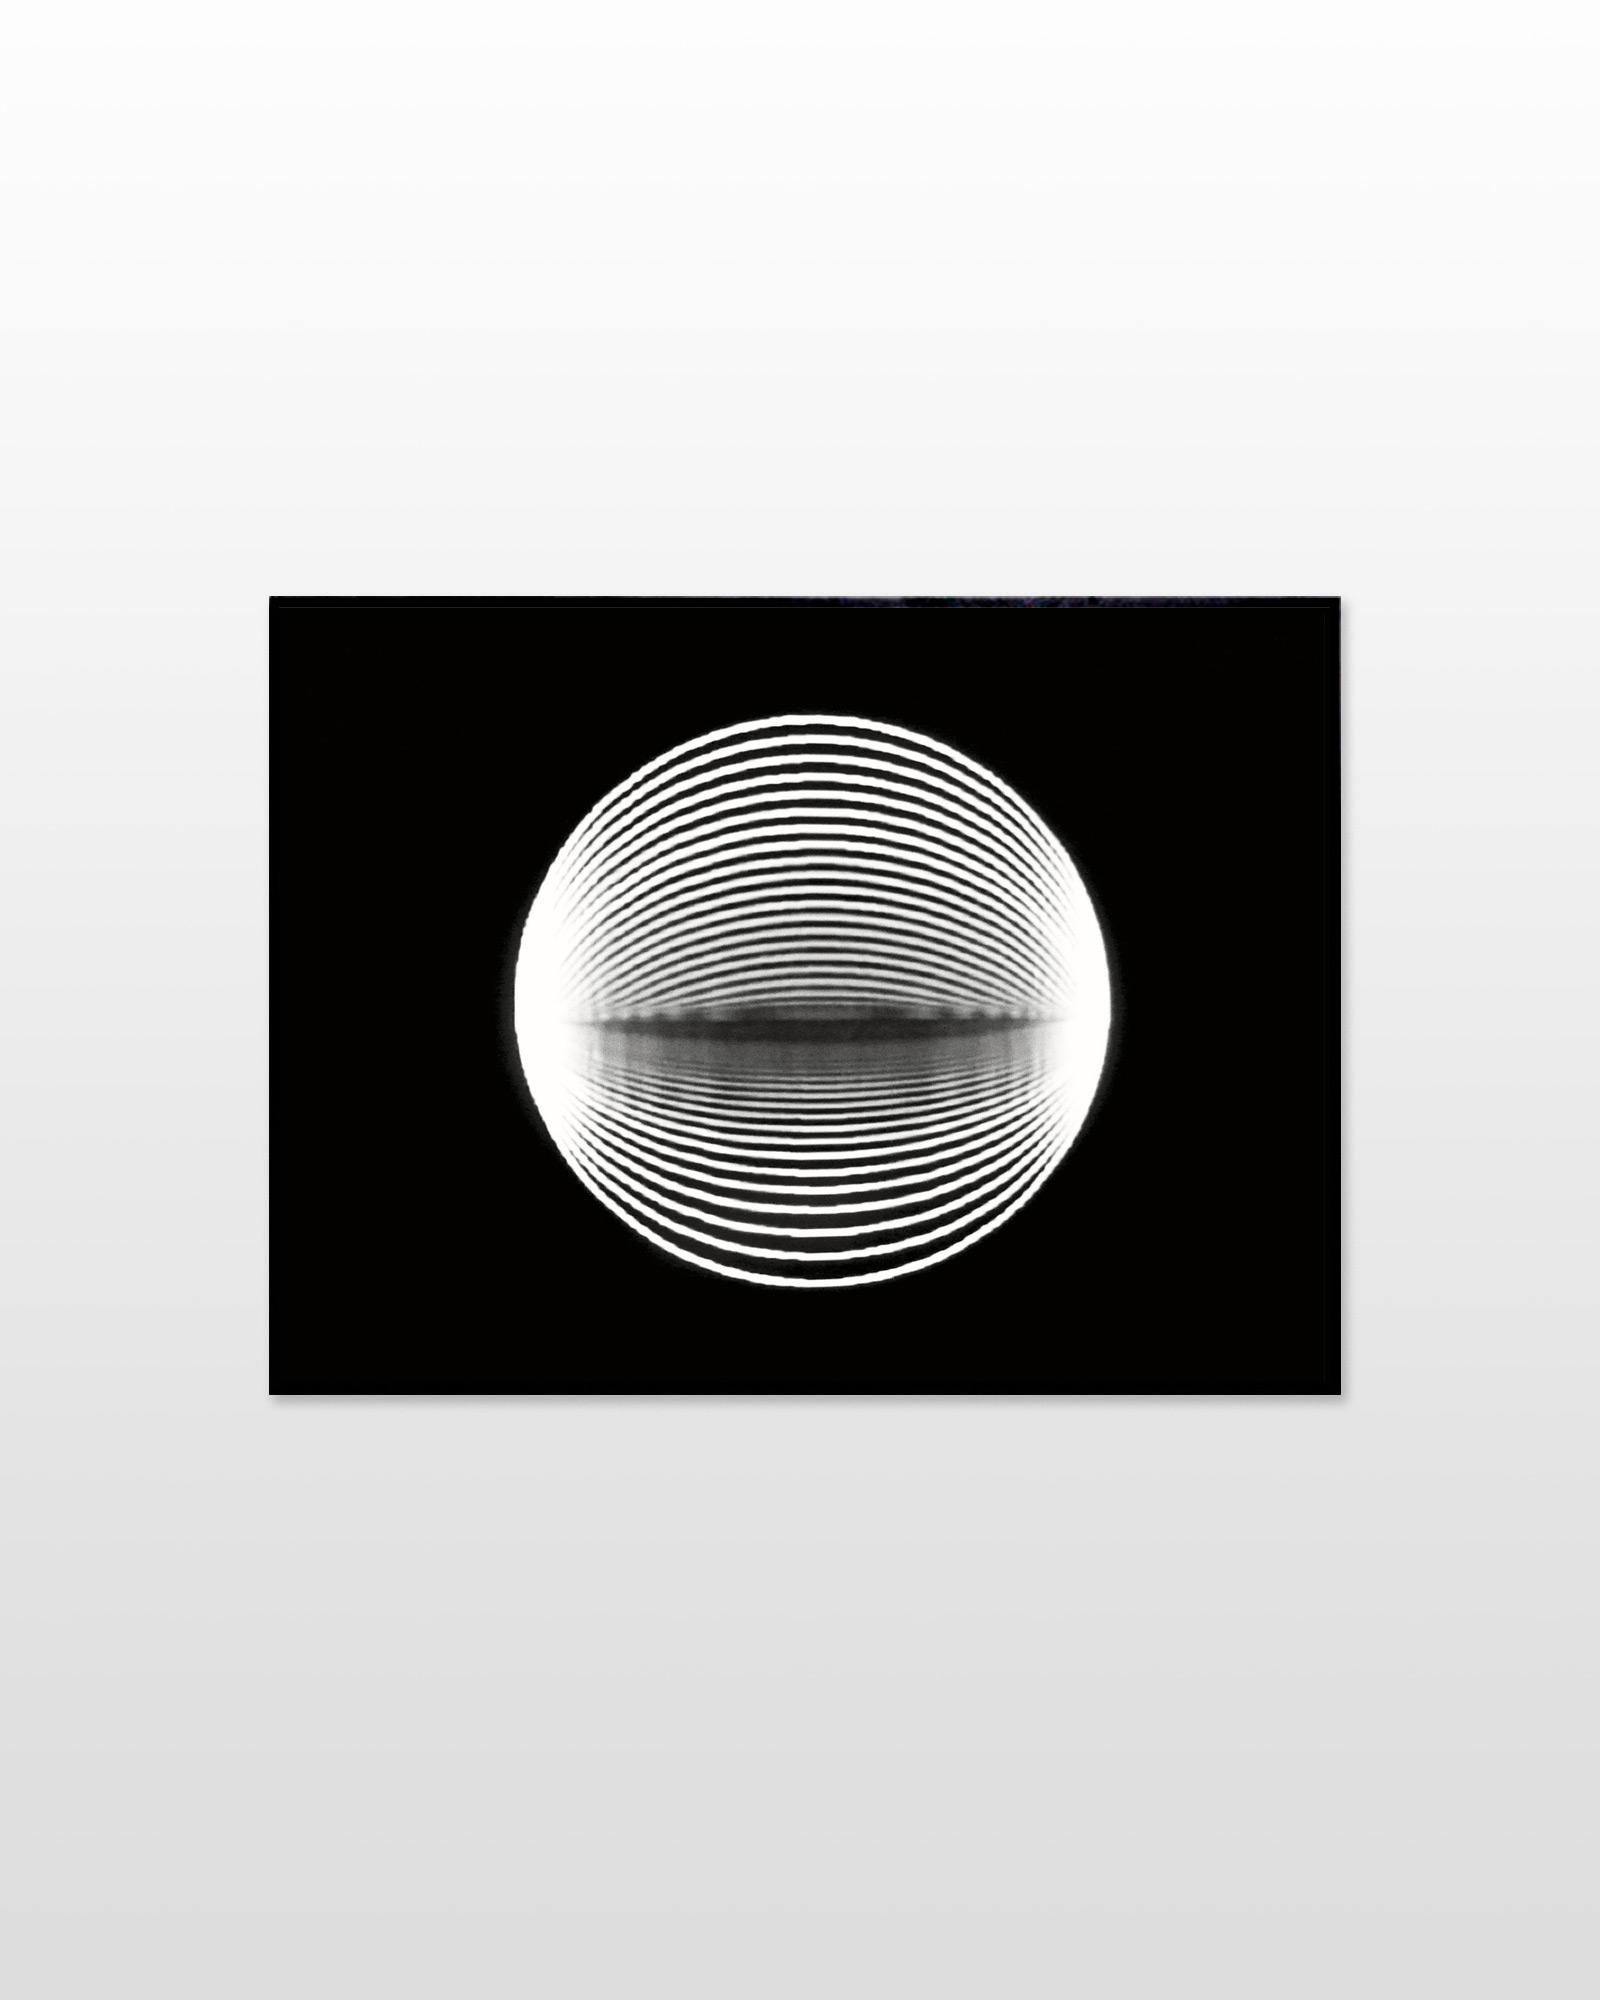 plakater-posters-kunsttryk, fotografier, new-media, abstrakte, minimalistiske, monokrome, pop, bevægelse, mønstre, videnskab, teknologi, sorte, grå, hvide, blæk, papir, abstrakte-former, smukke, sort-hvide, samtidskunst, dansk, mørke, dekorative, design, interiør, bolig-indretning, moderne, moderne-kunst, nordisk, det-ydre-rum, skandinavisk, sceneri, Køb original kunst og kunstplakater. Malerier, tegninger, limited edition kunsttryk & plakater af dygtige kunstnere.